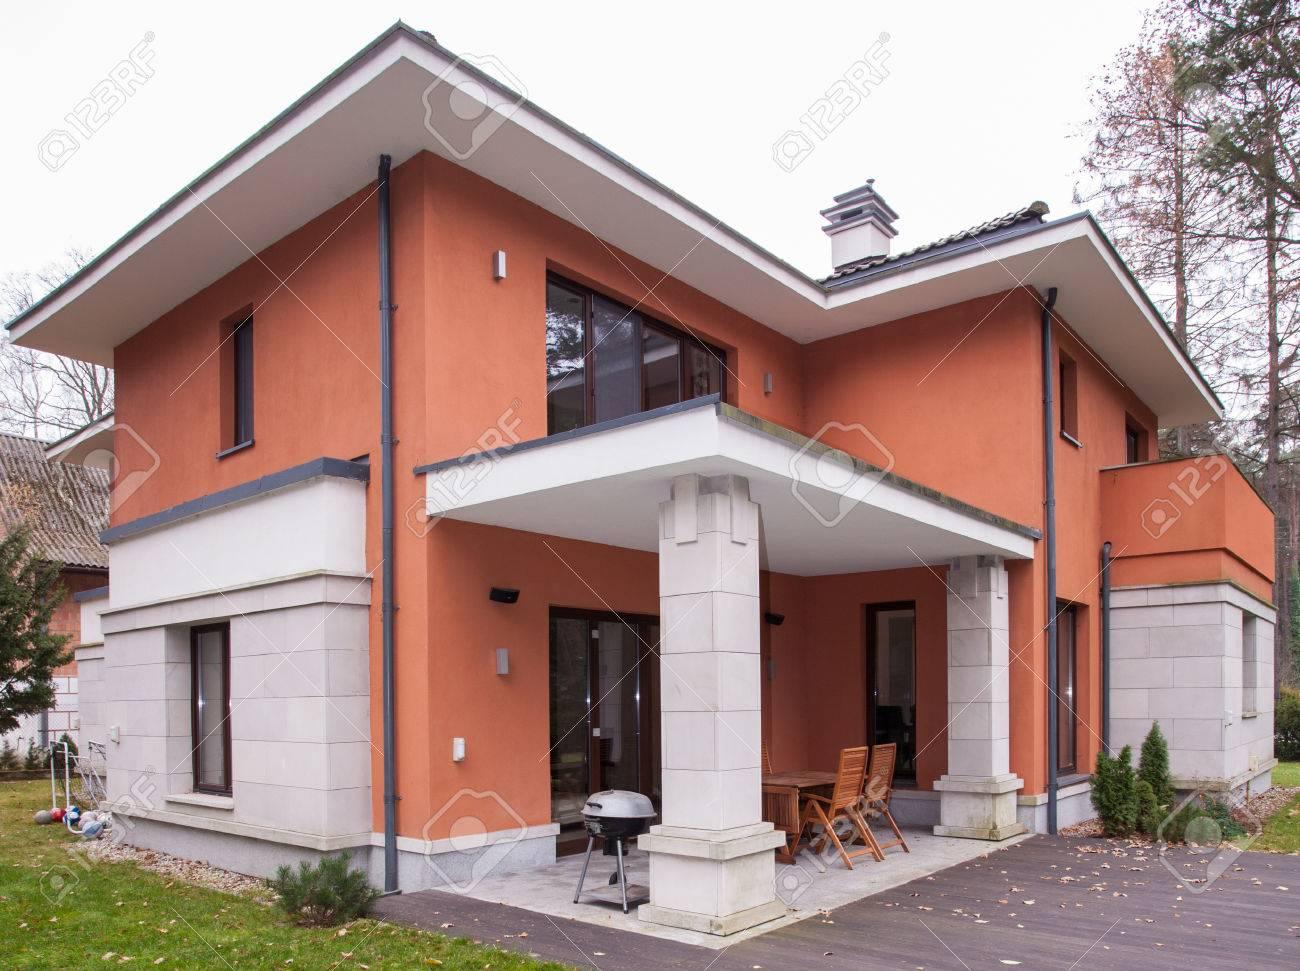 Bild Der Zeitgenössischen Haus Mit Außenruhebereich Lizenzfreie ...